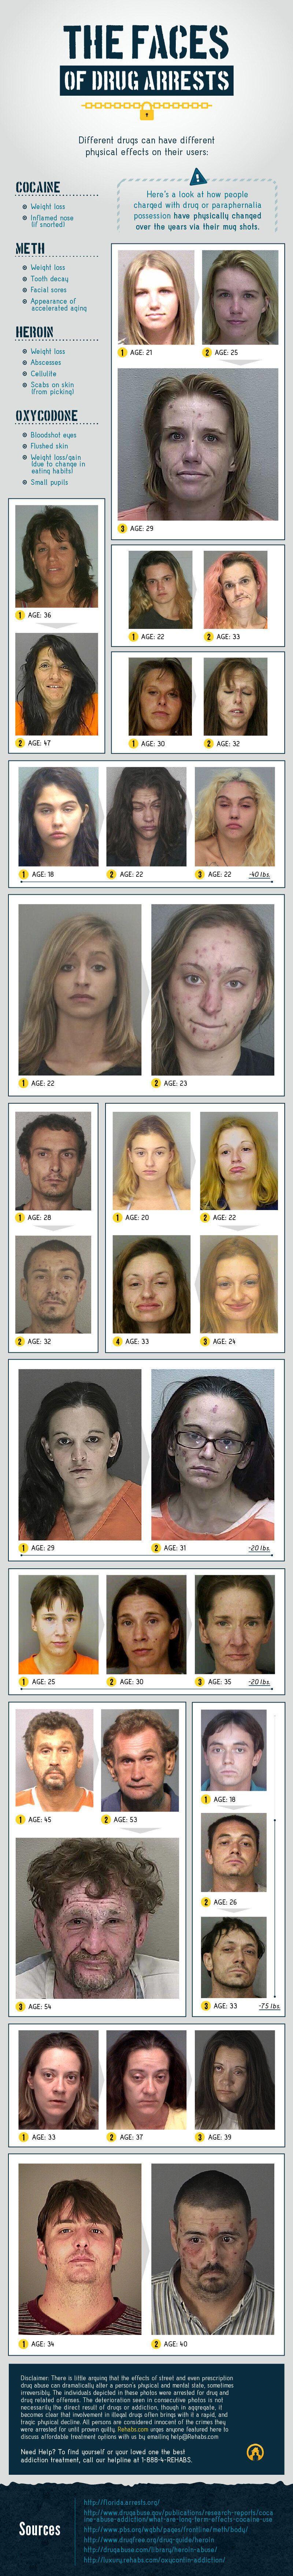 Gli effetti delle droghe pesanti: come cocaina, eroina, ossicodone cambiano i volti delle persone (FOTO,